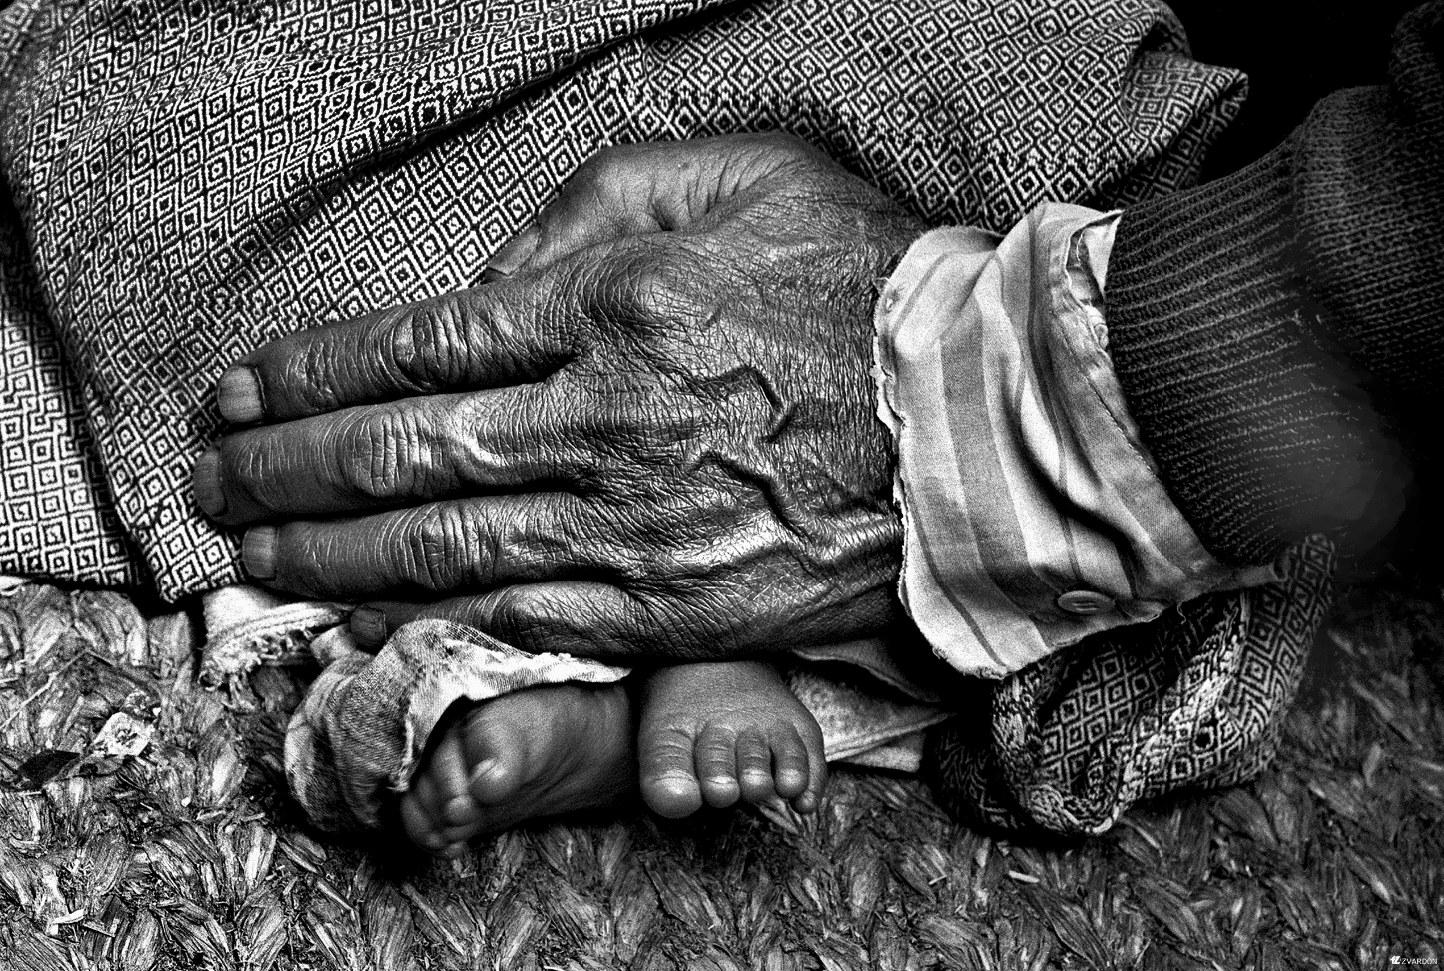 NEPAL - KODARI 1995